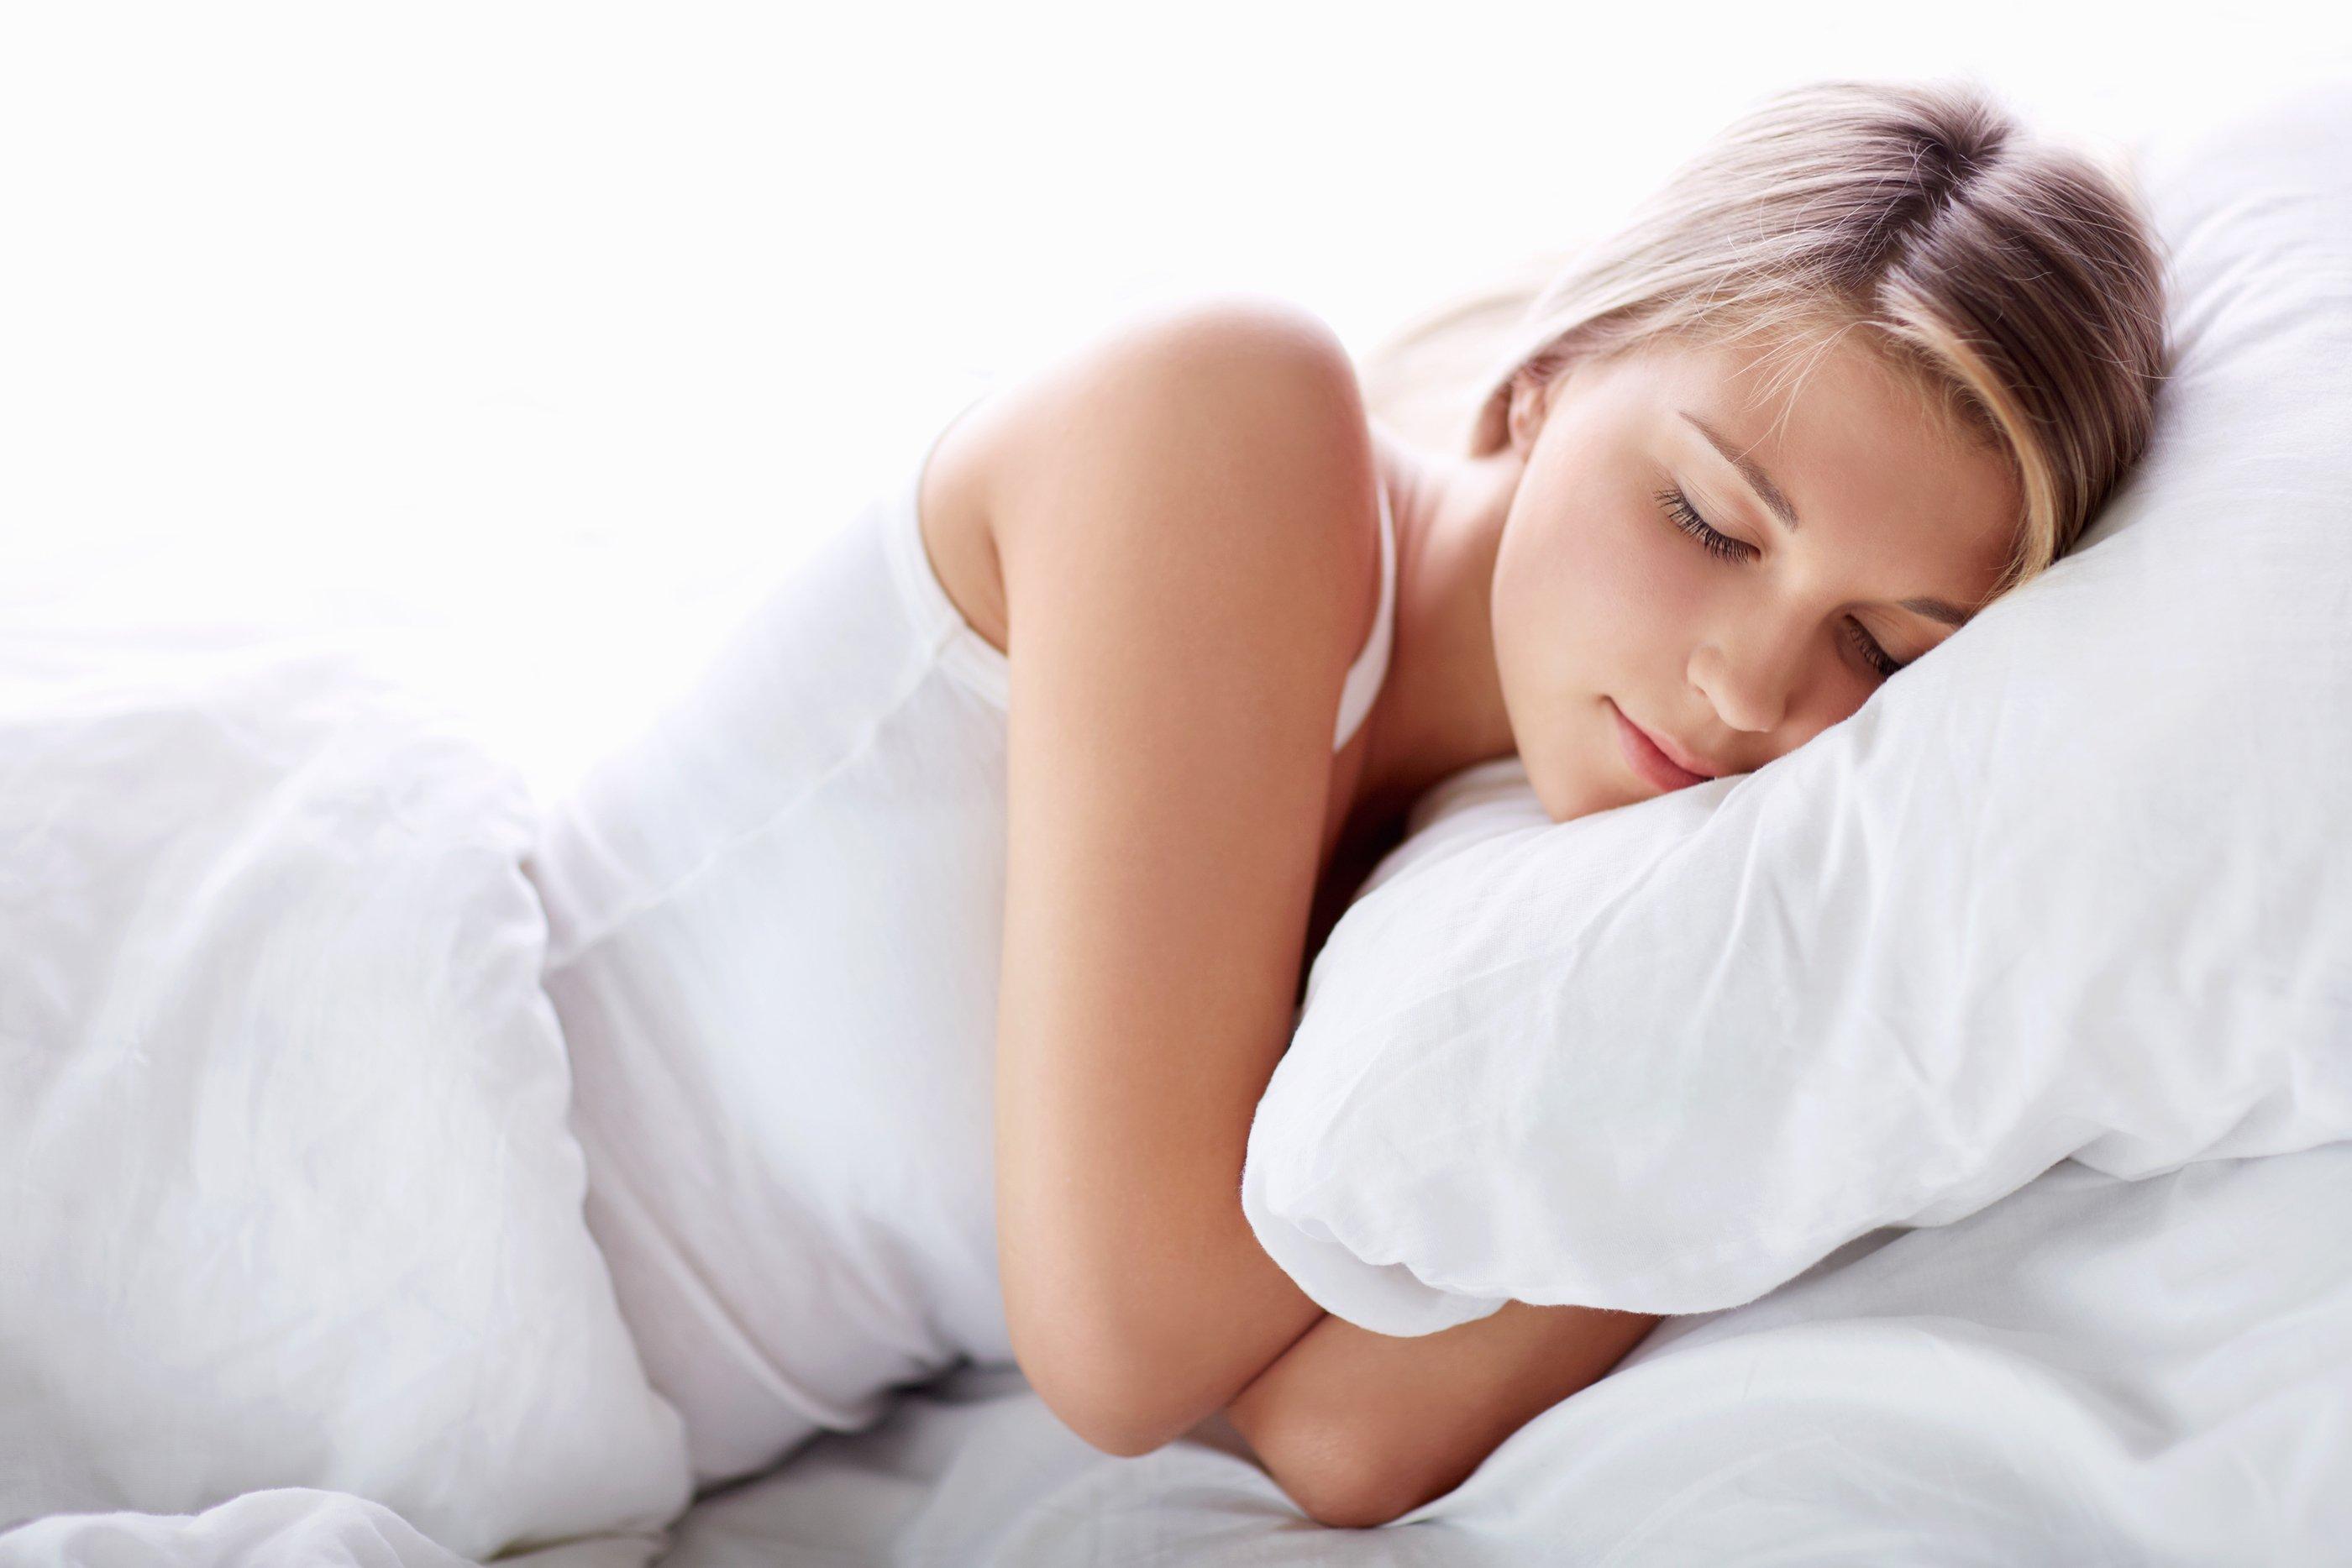 sleeping beaut.jpg?resize=300,169 - 5 dicas que vão te ajudar a dormir como um anjo